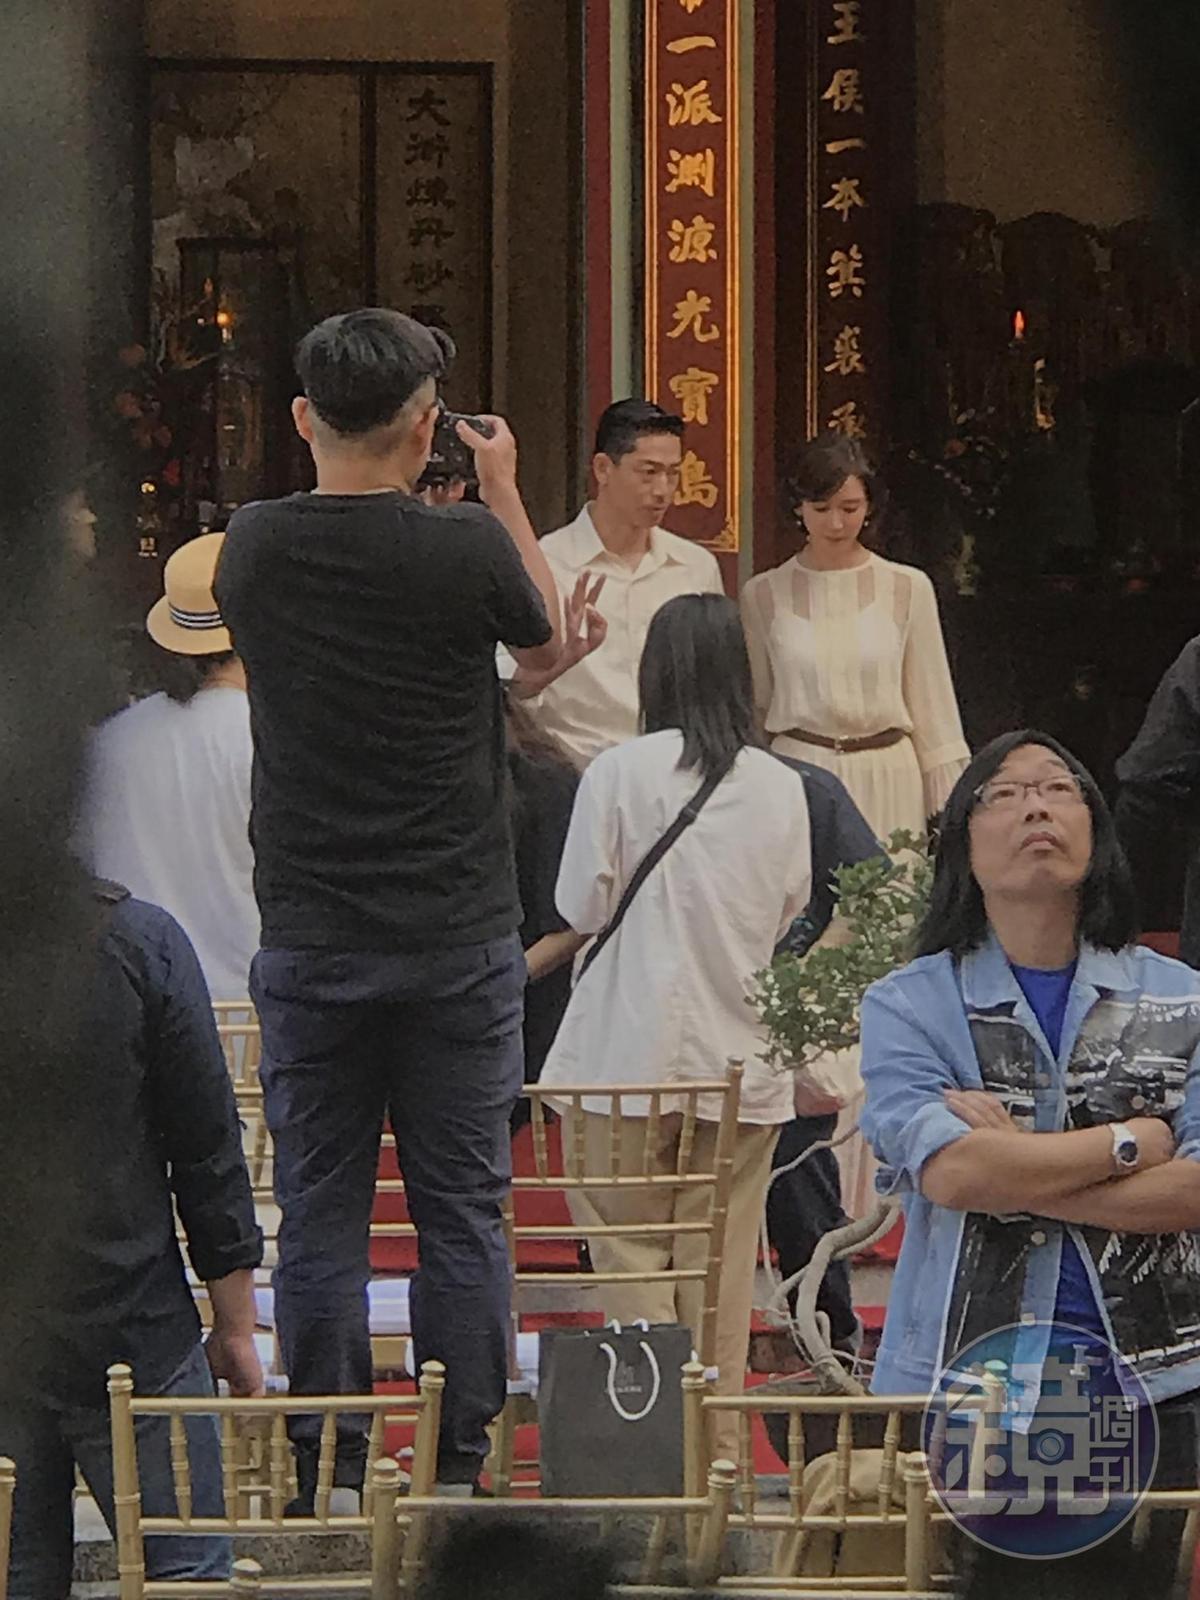 林志玲婚禮儀式將在全臺吳氏大宗祠內舉行。